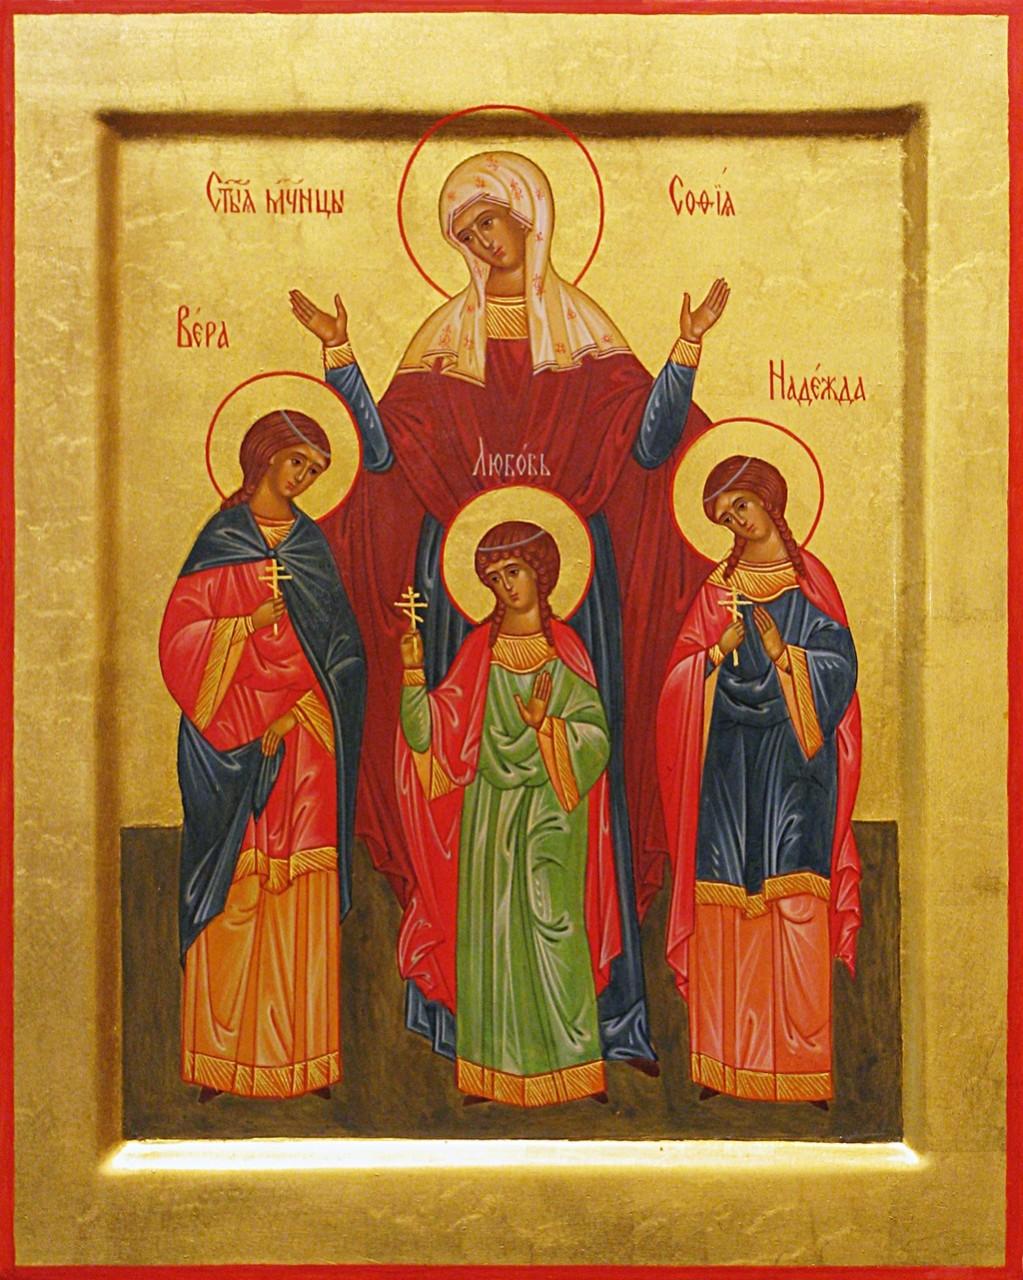 Фото праздника вера надежда любовь и софия 7